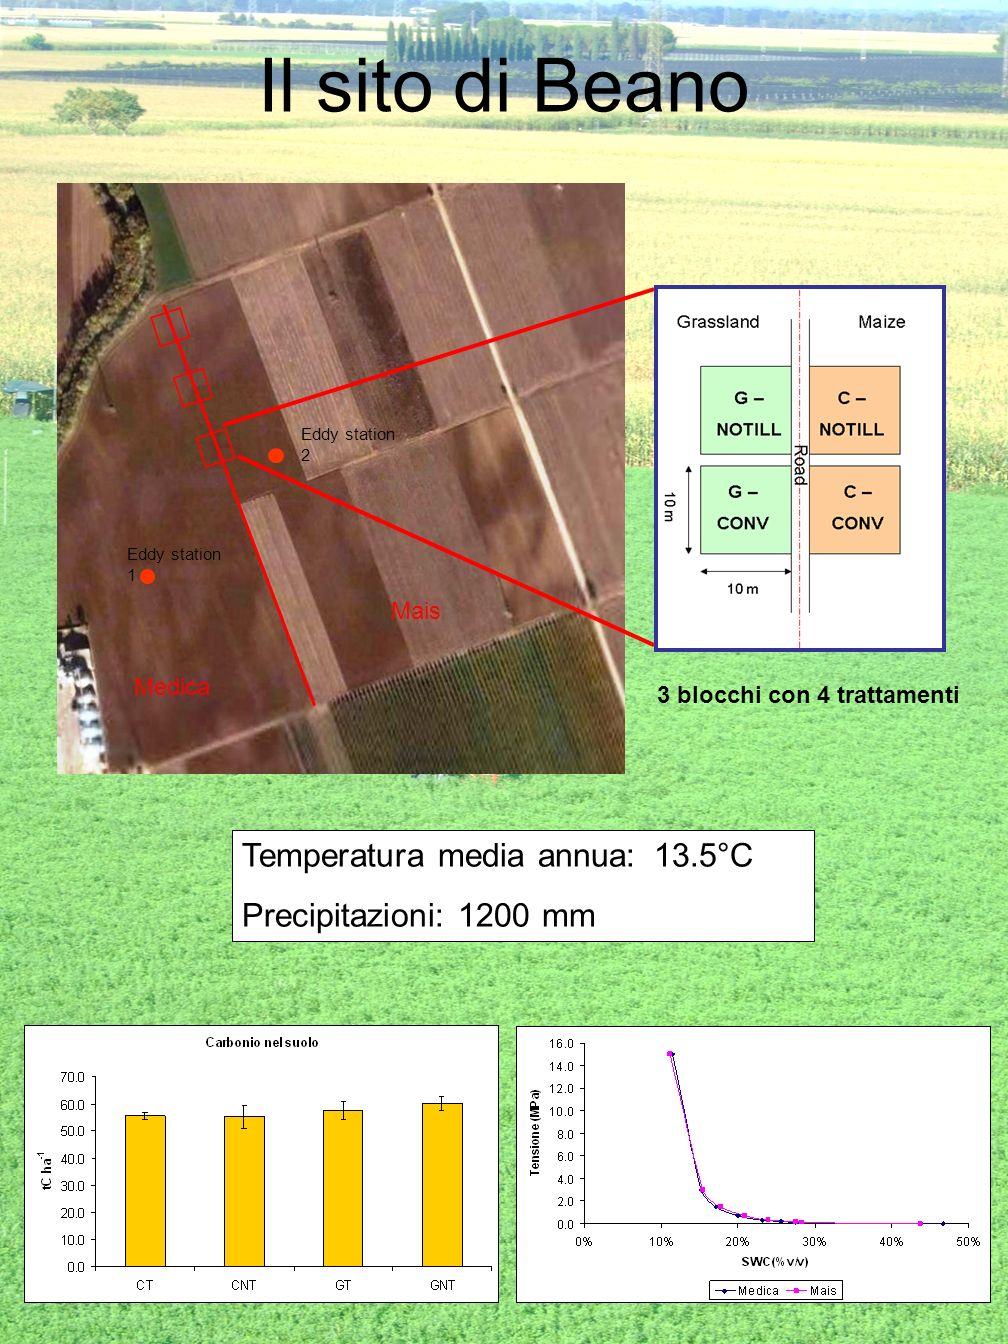 Il sito di Beano Medica Mais Eddy station 1 Eddy station 2 3 blocchi con 4 trattamenti Temperatura media annua: 13.5°C Precipitazioni: 1200 mm